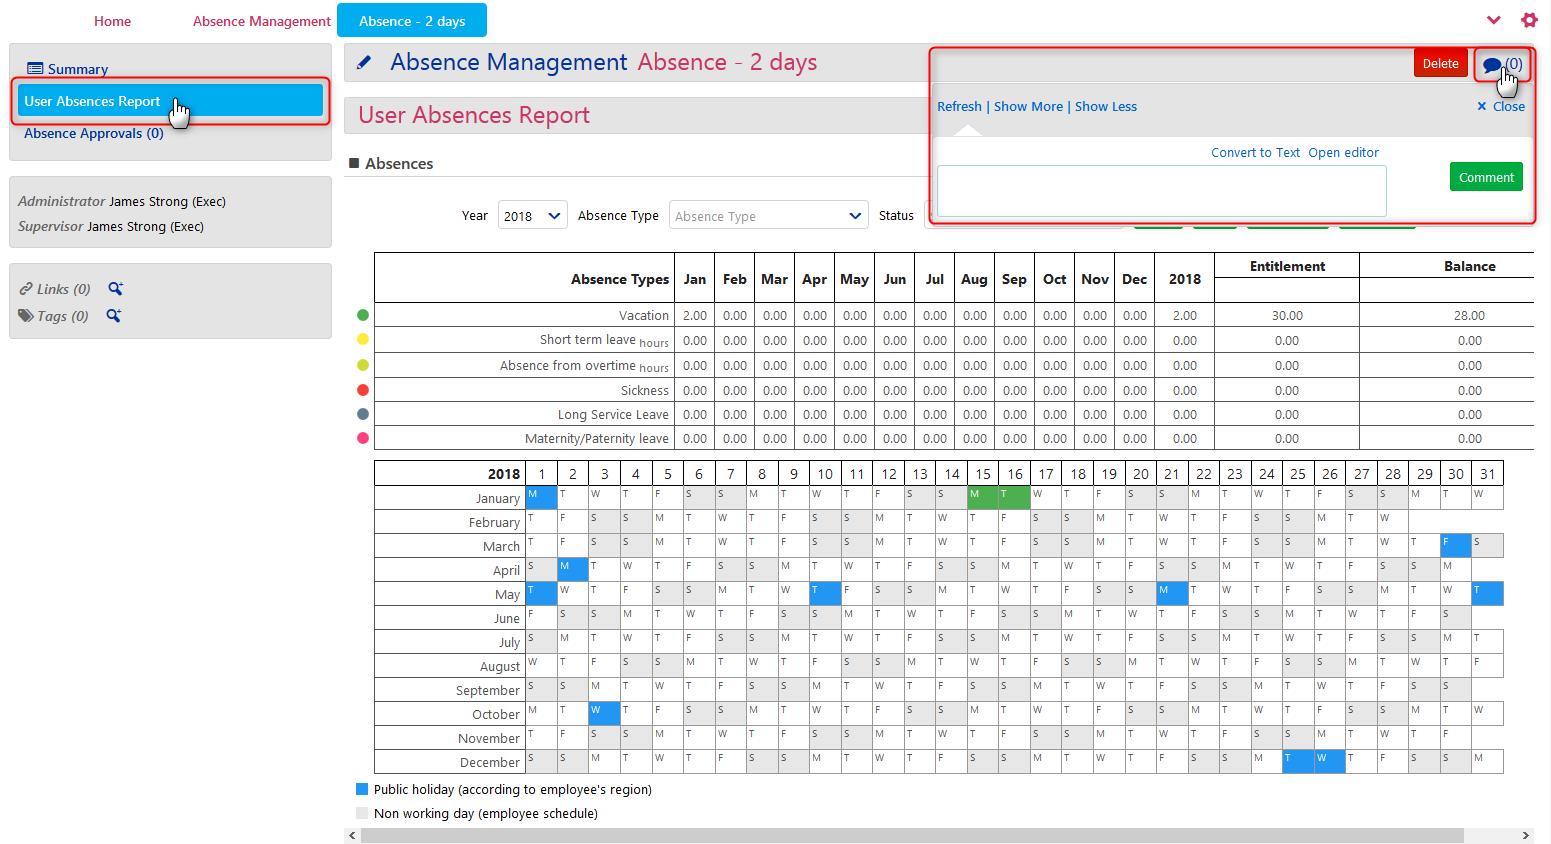 Absence Management - Get informed